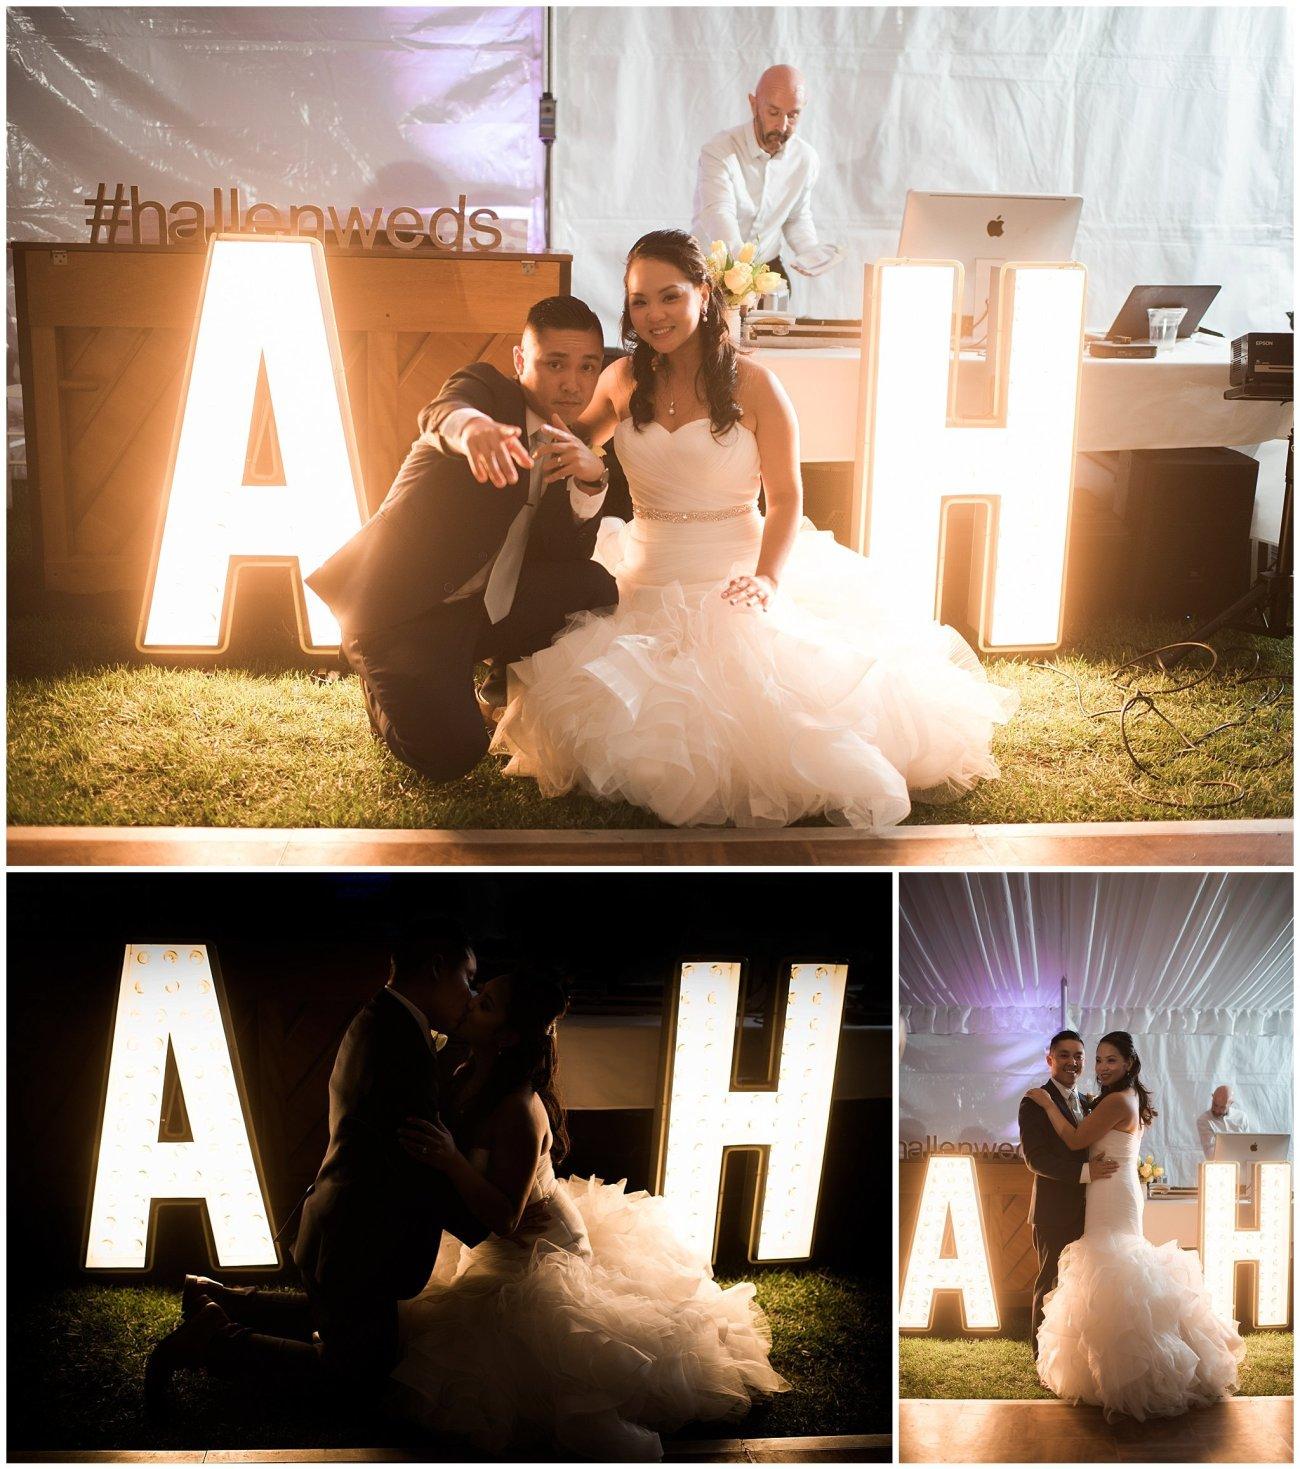 Ha & Allen Wedding Third Element Photography & Cinema Pismo Beach Cliffs Resort Central Coast Hybrid Film Wedding Photographer_0043